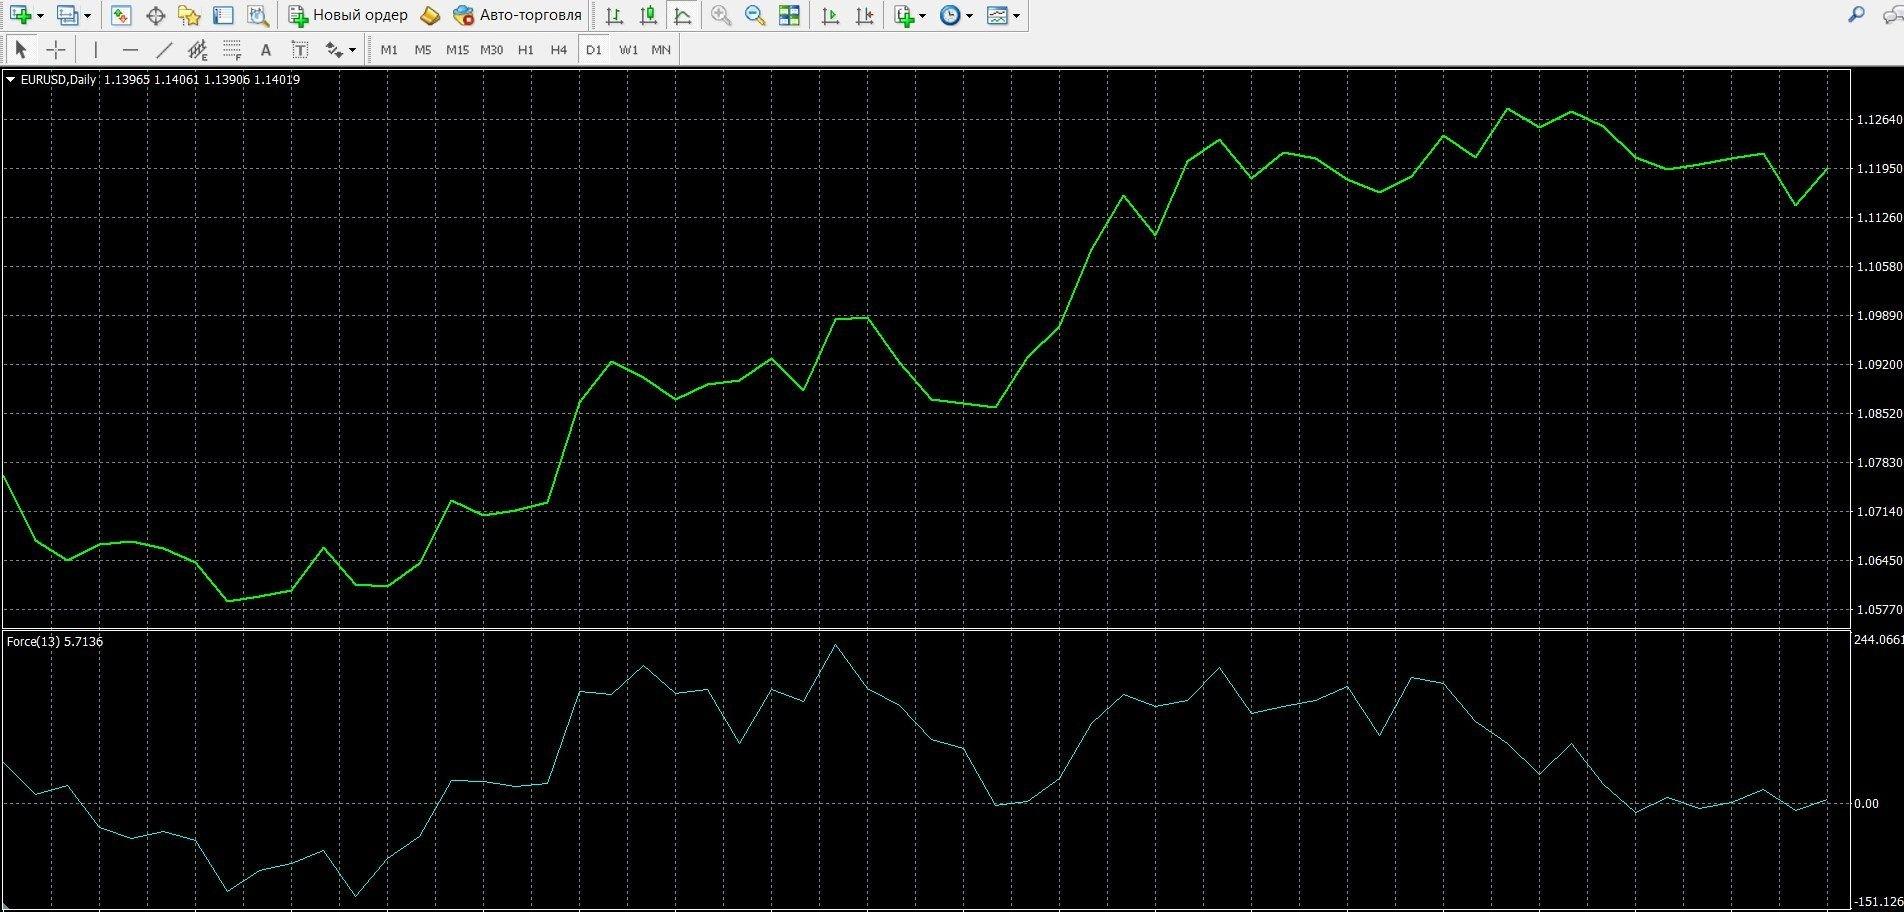 Индикатор Индекс силы Элдера (Elder's Force Index, EFI)